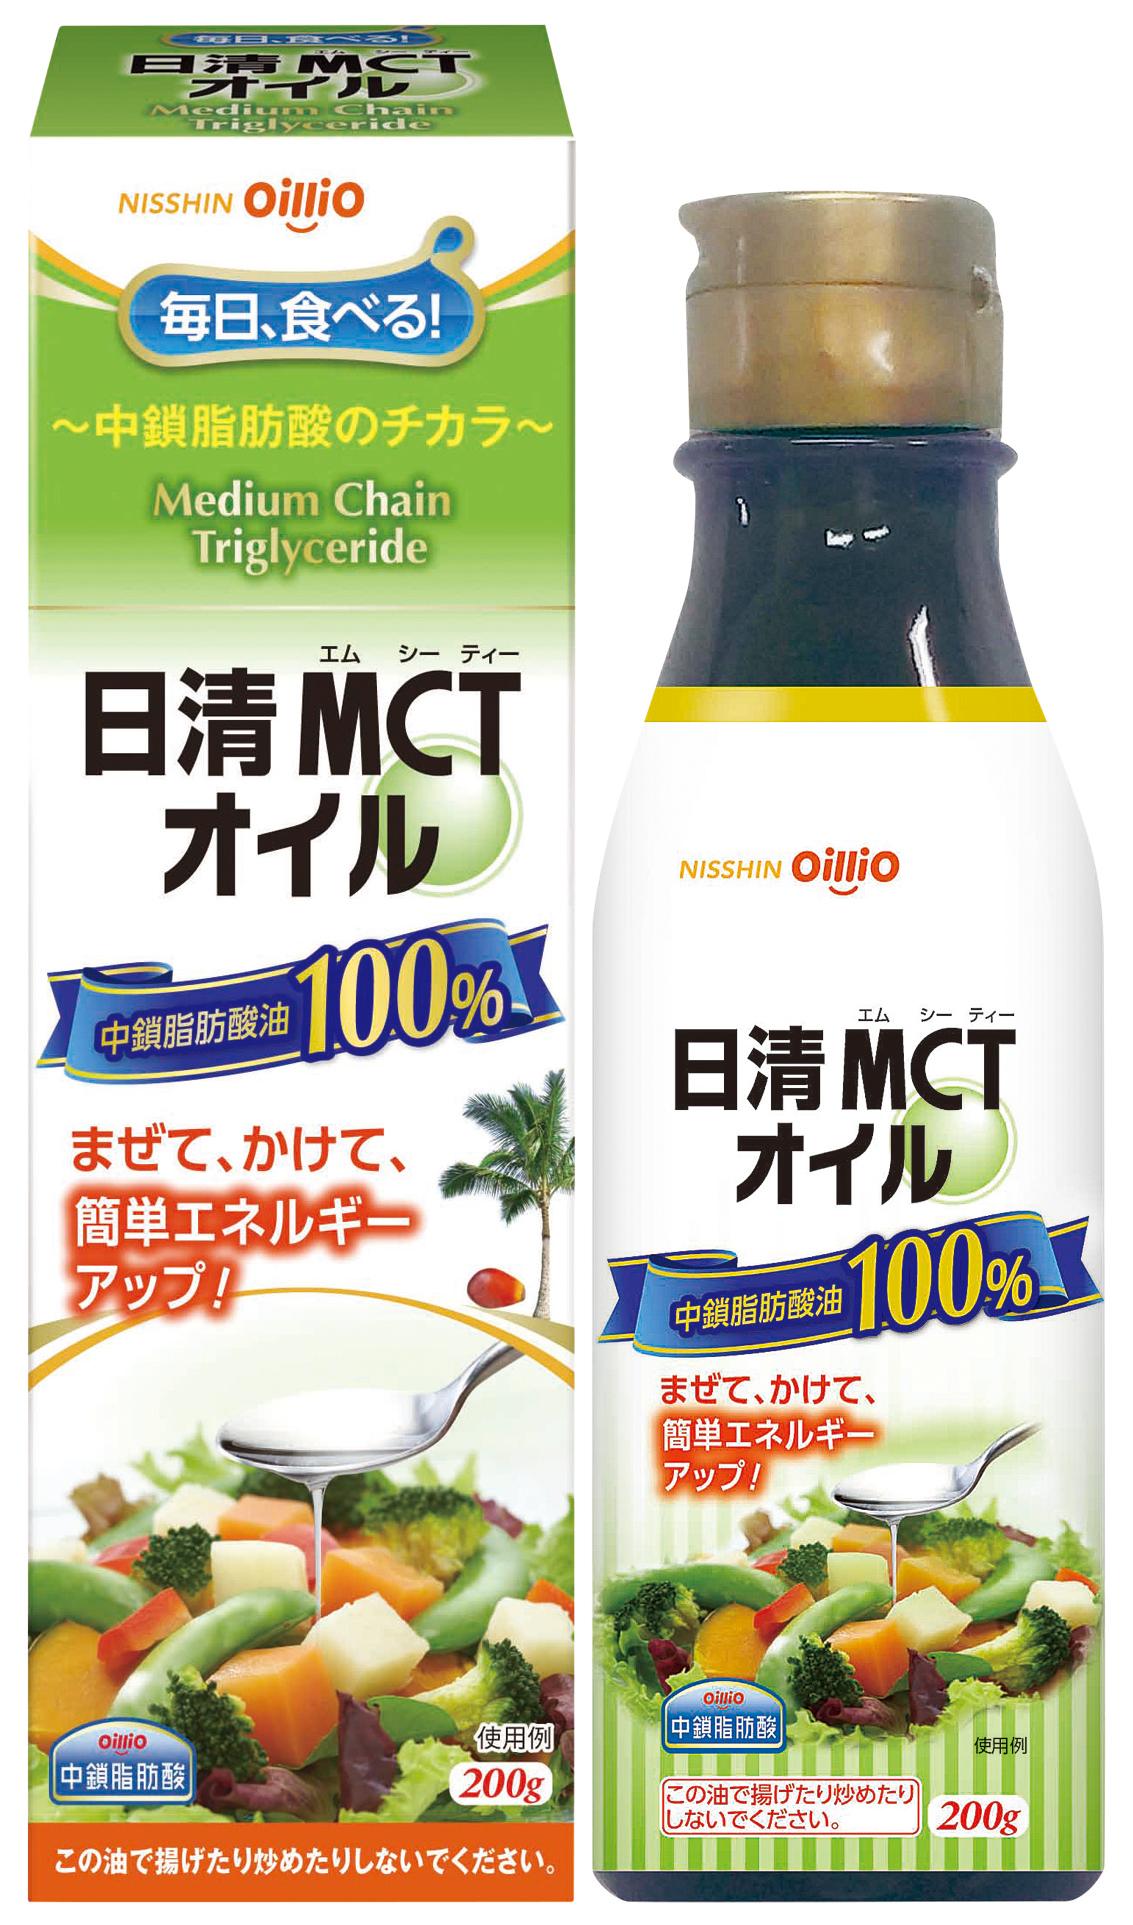 MCTオイル 200g